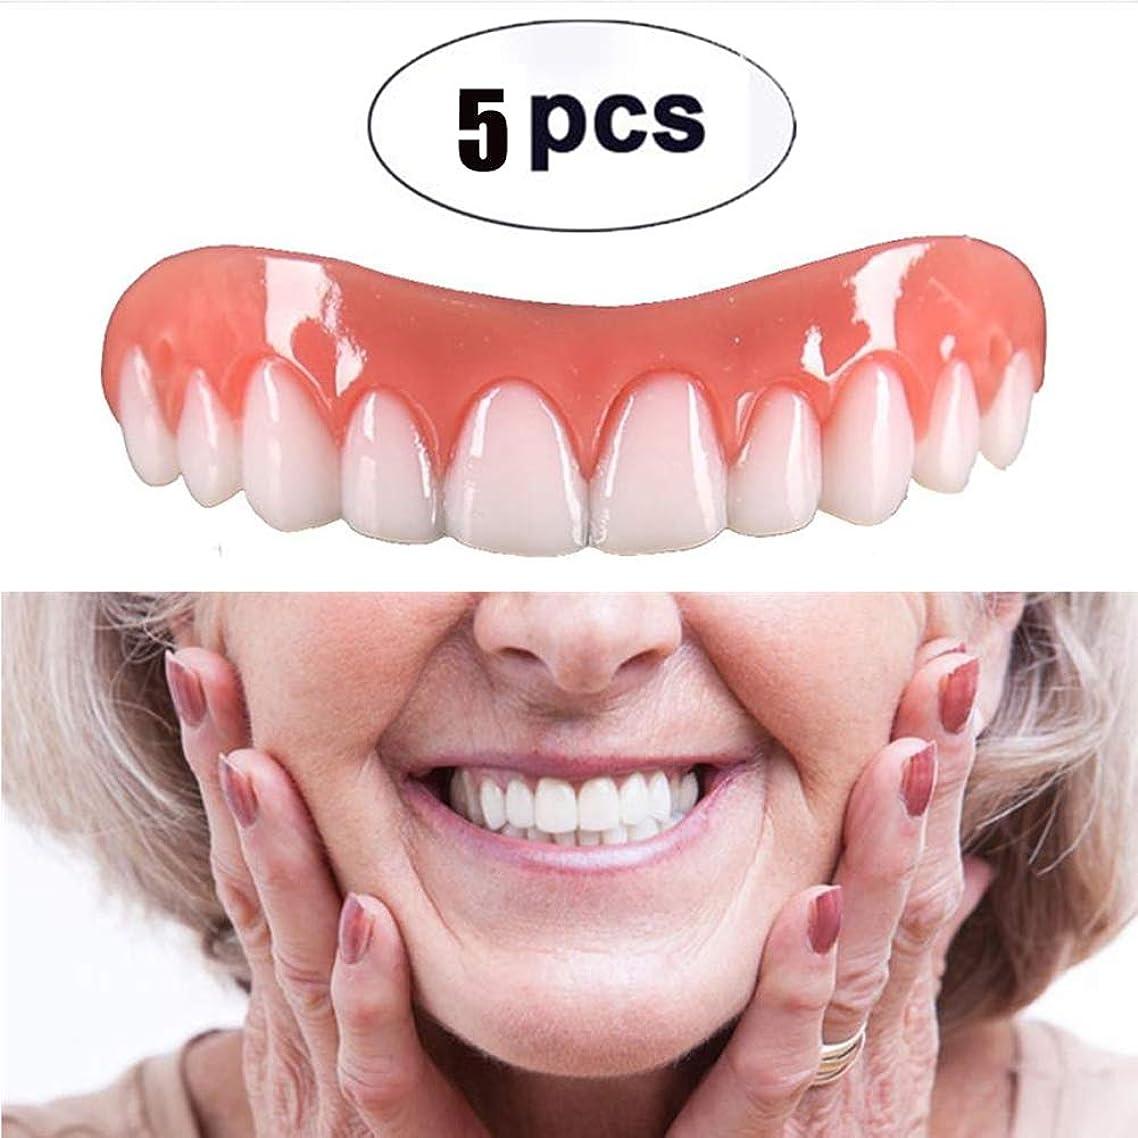 5枚の一時的な化粧品の歯入れ歯の歯の化粧品のシミュレーションの上部の袖口、白くなる歯のスナップの帽子の即刻の慰めの柔らかい完全なベニヤ